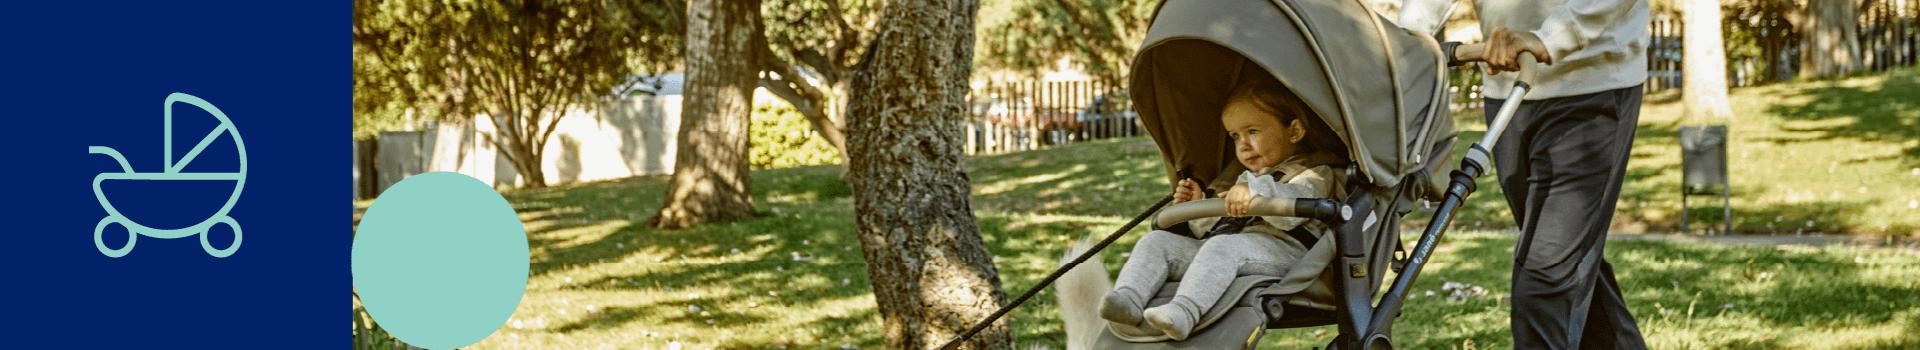 Paseo bebé | Silla de paseo y Accesorios bebé | Janéword